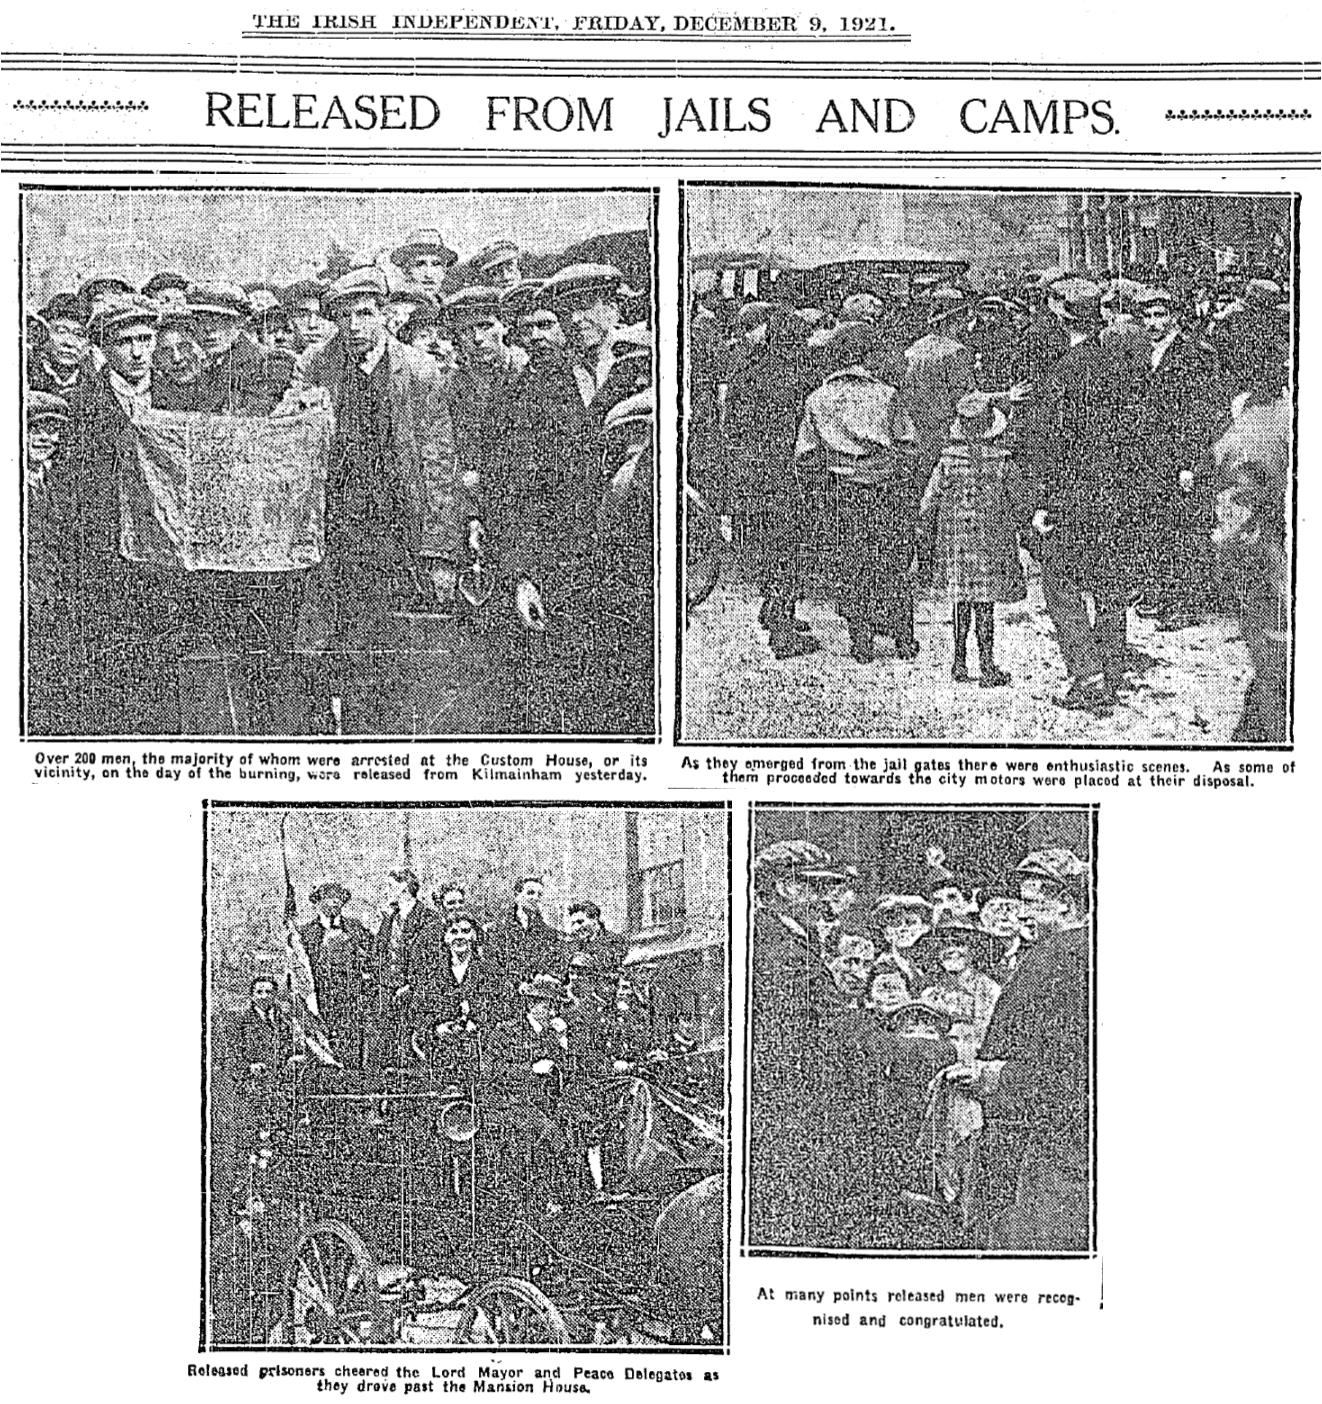 Kilmainham men released (Indo 9-12-1921) Burning of Dublin Custom House 1921